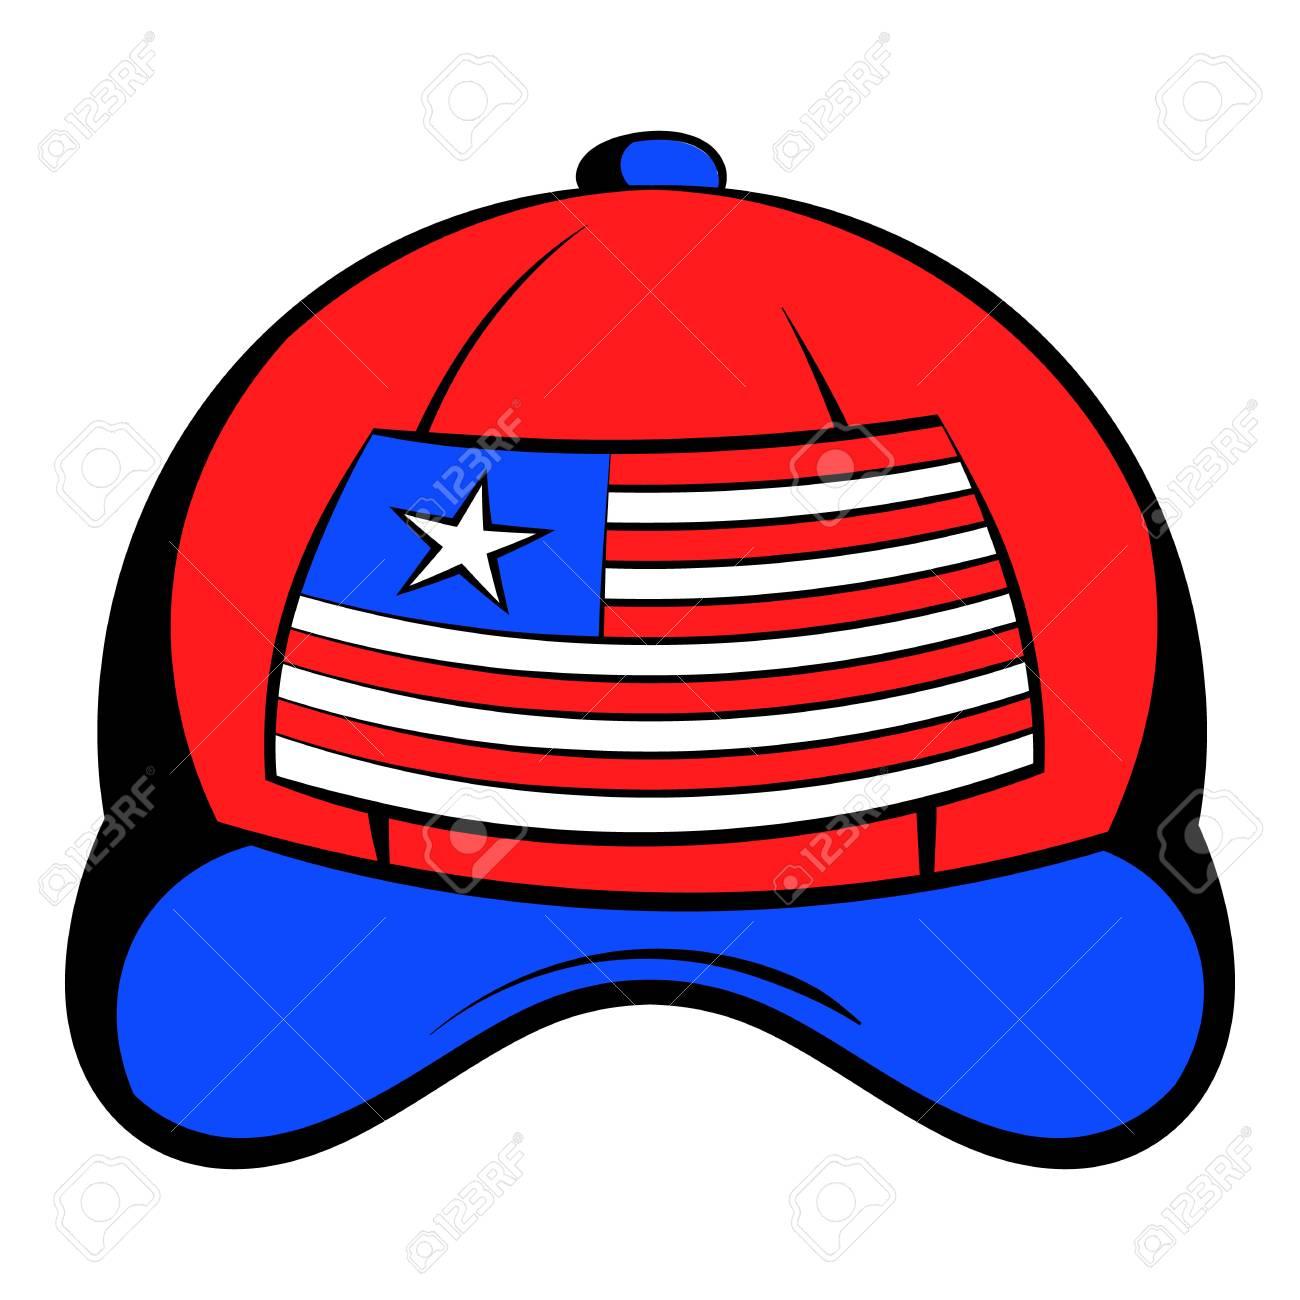 Béisbol En El Icono De Colores De La Bandera De Estados Unidos De Dibujos Animados